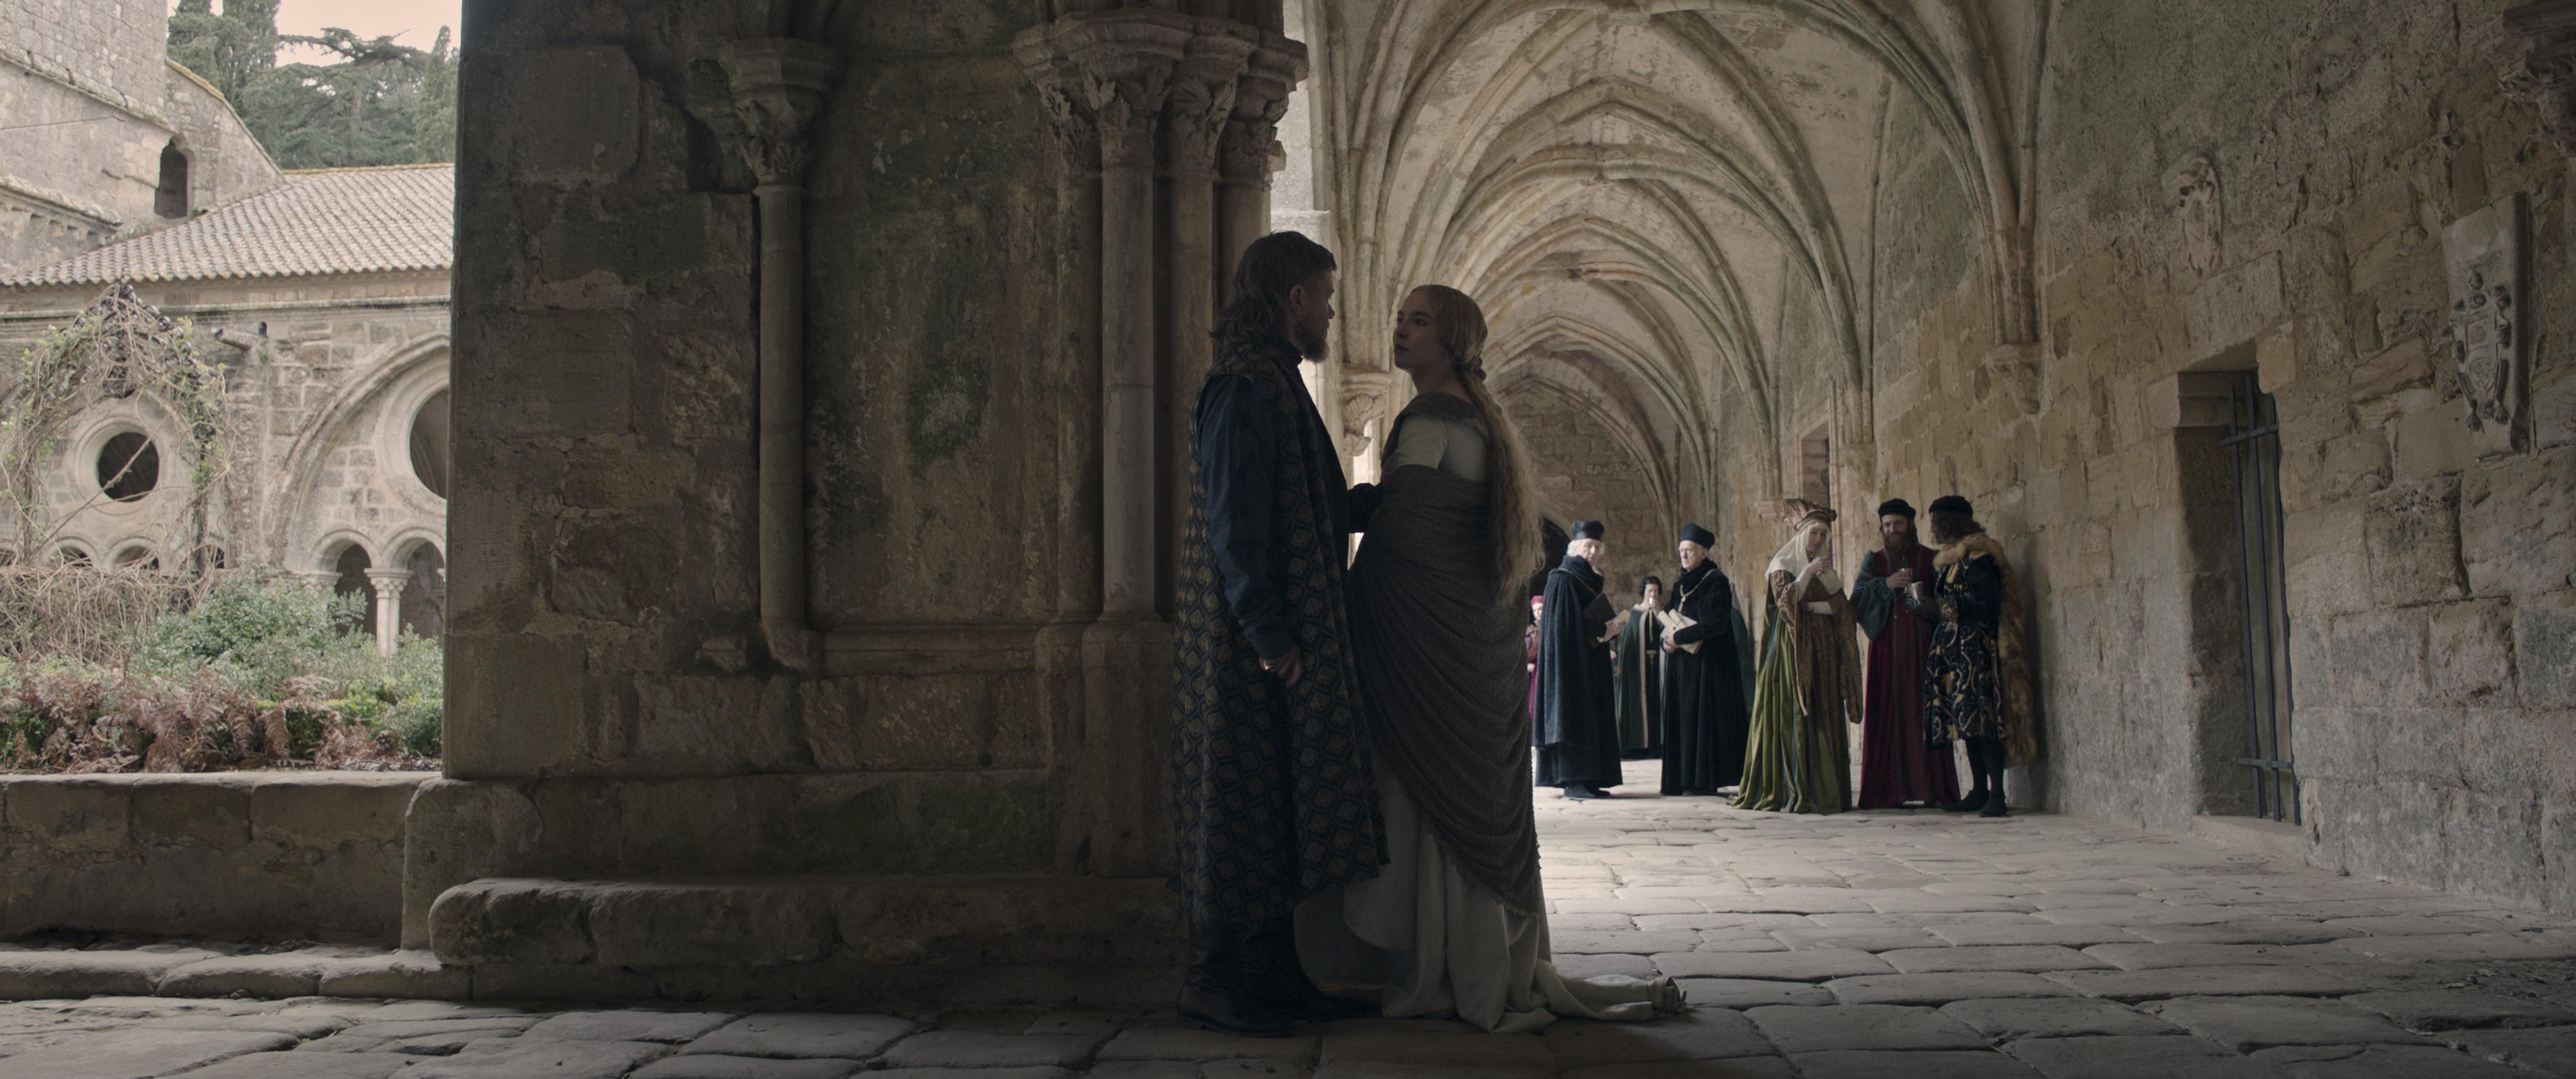 Matt Damon and Jodie Comer in The Last Duel (2021)